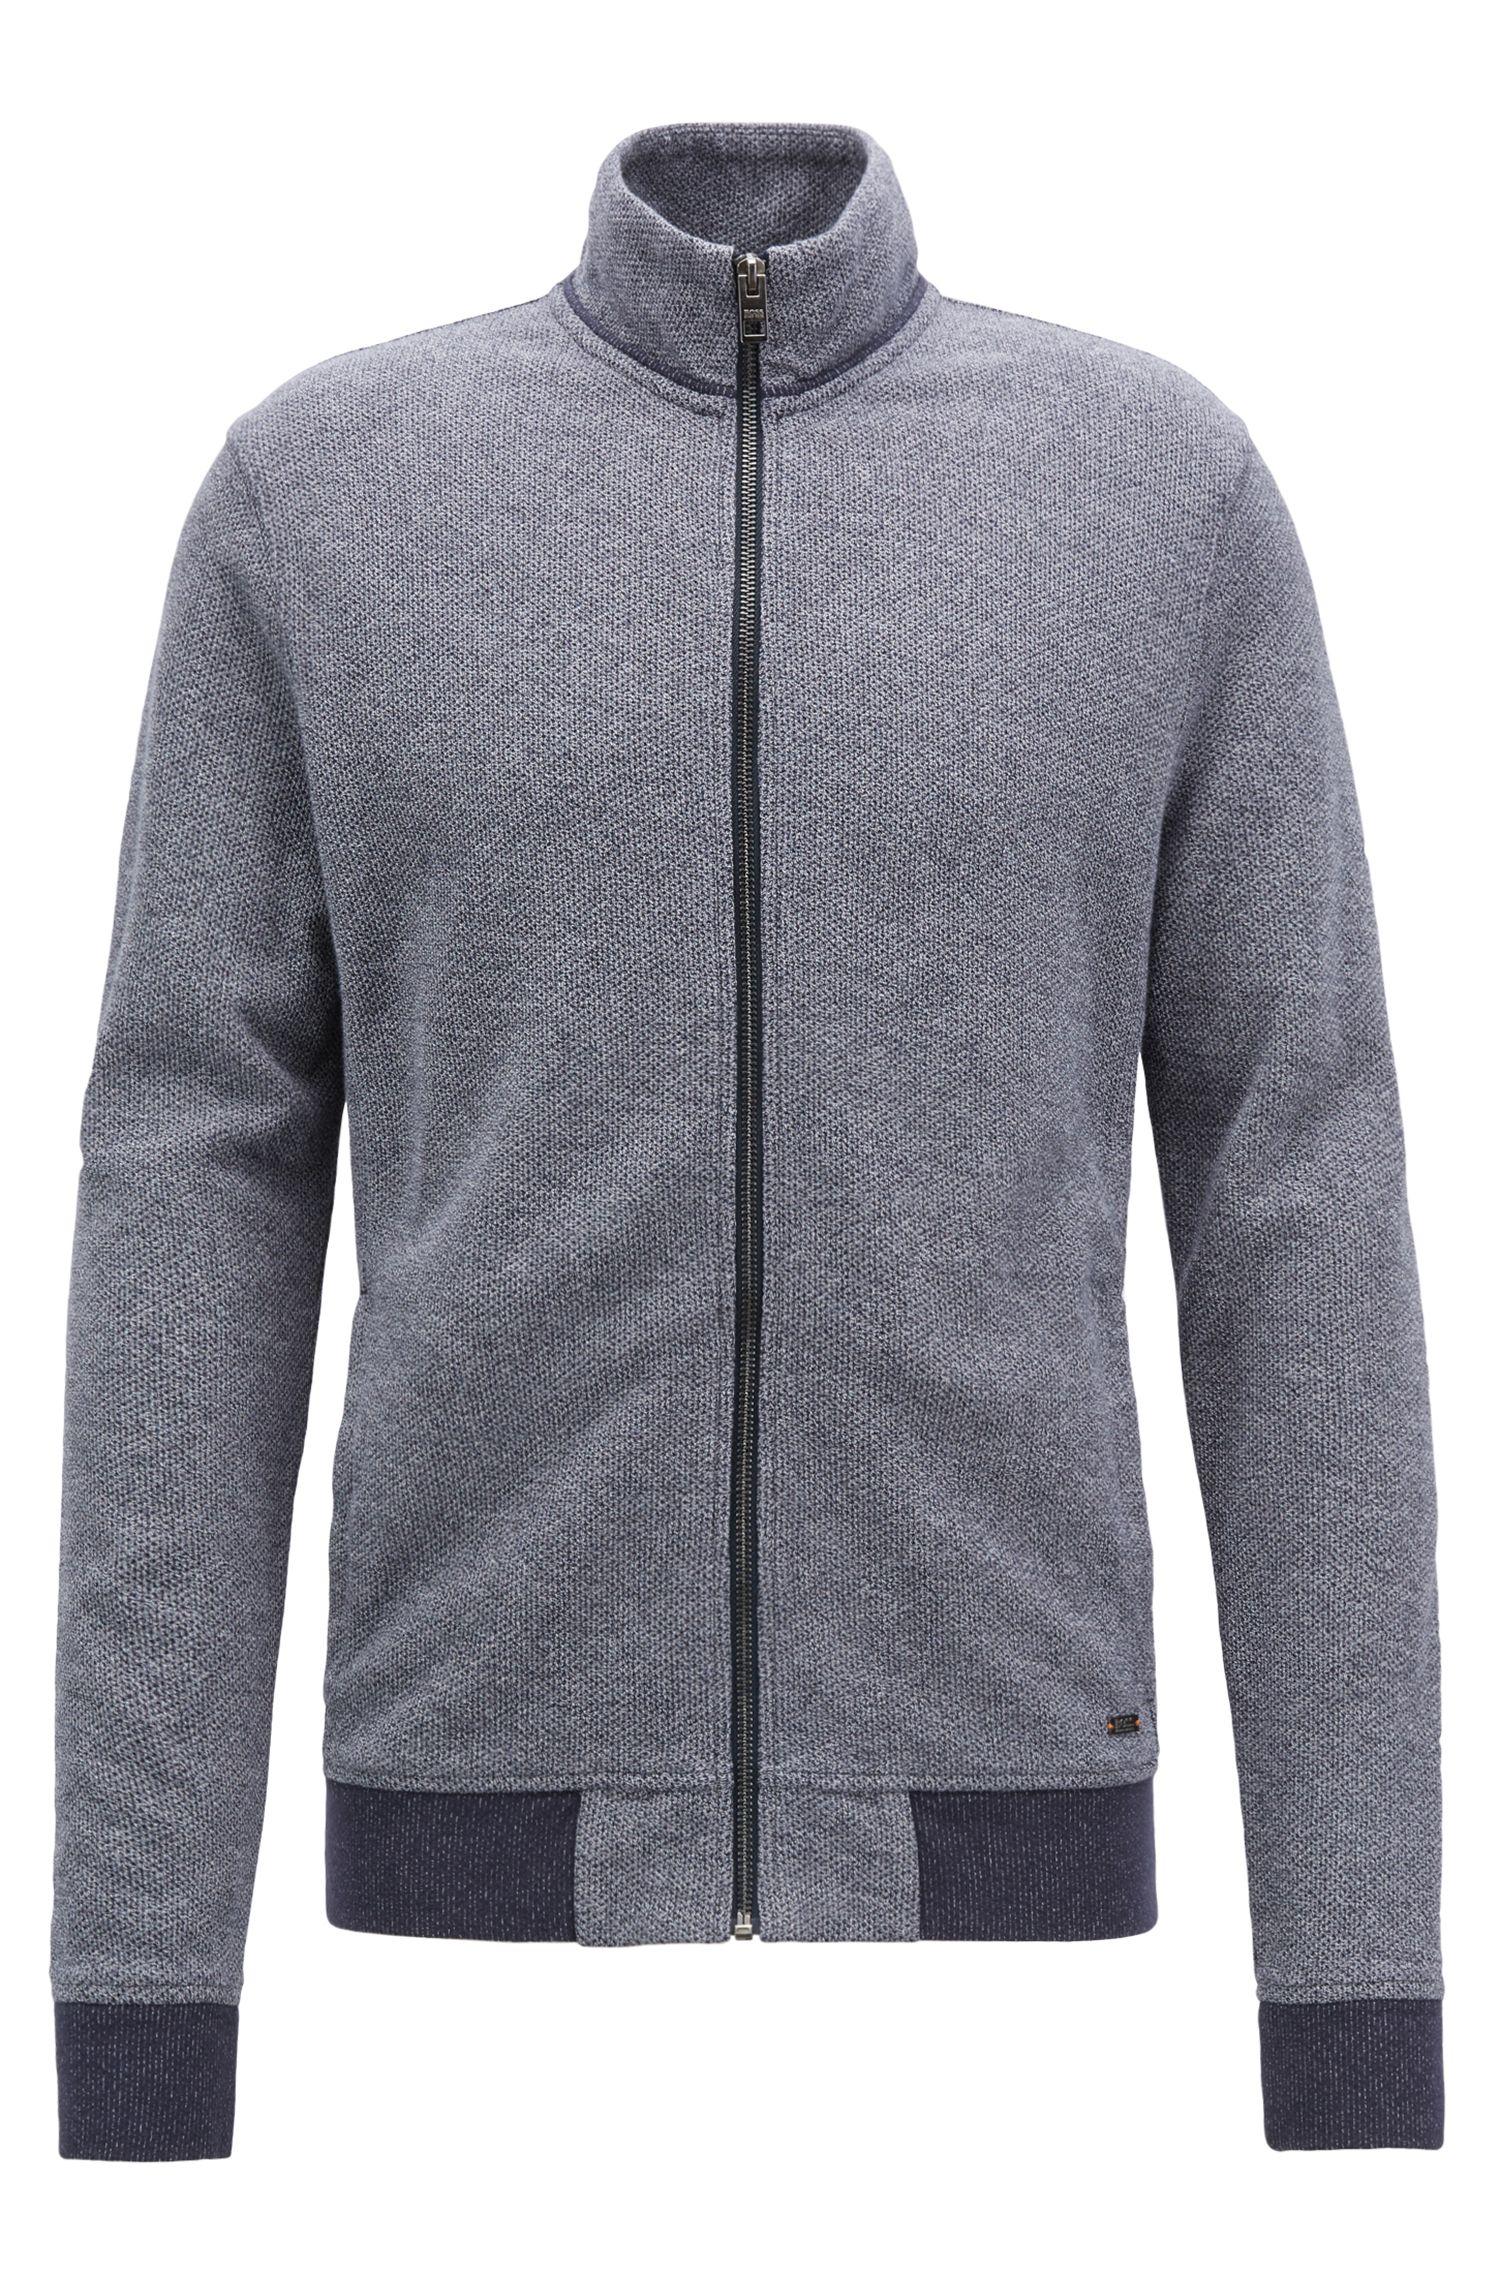 Jacke aus Jersey mit Mesh-Struktur und Reißverschluss, Dunkelblau